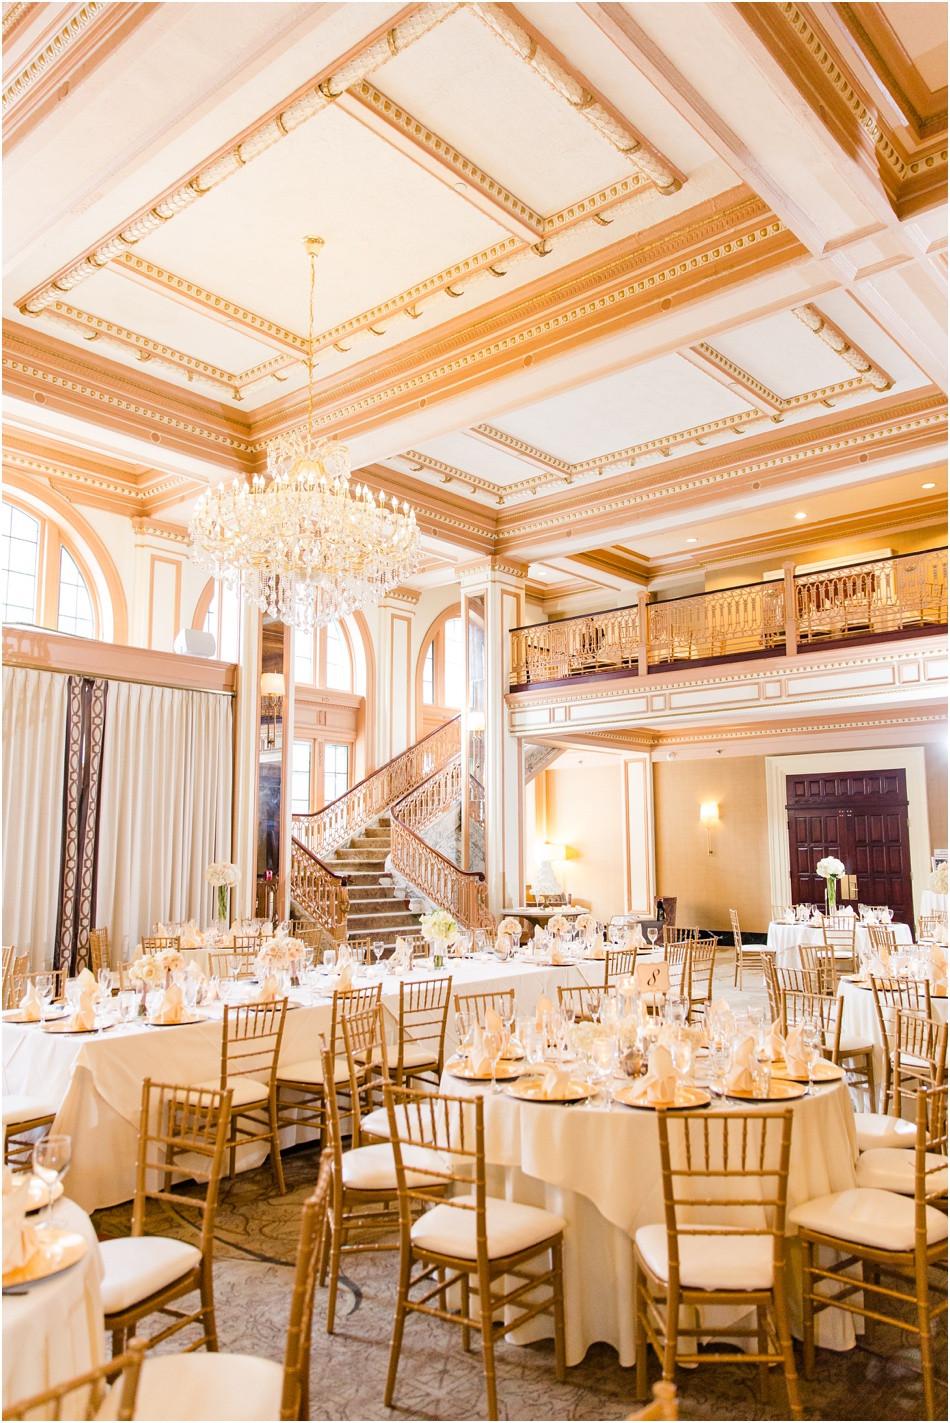 Omni-Severin-Hotel-Indianapolis-Wedding-Reception